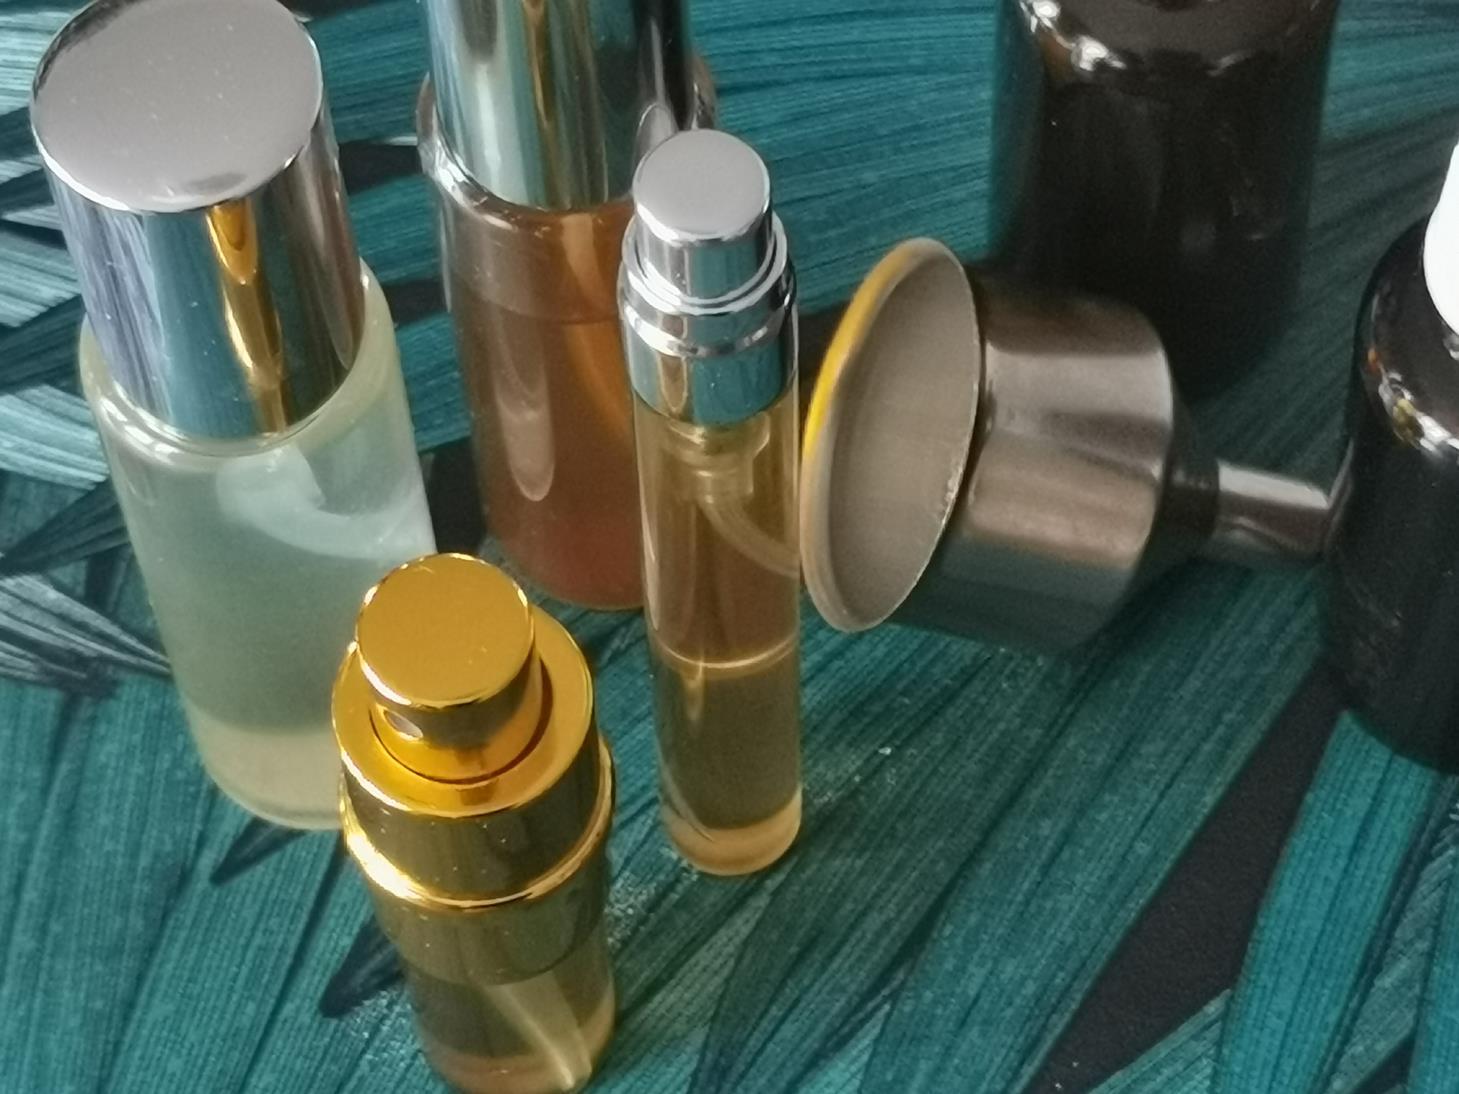 Atelier Eau de Parfum - Le Grimoire de Sandrine